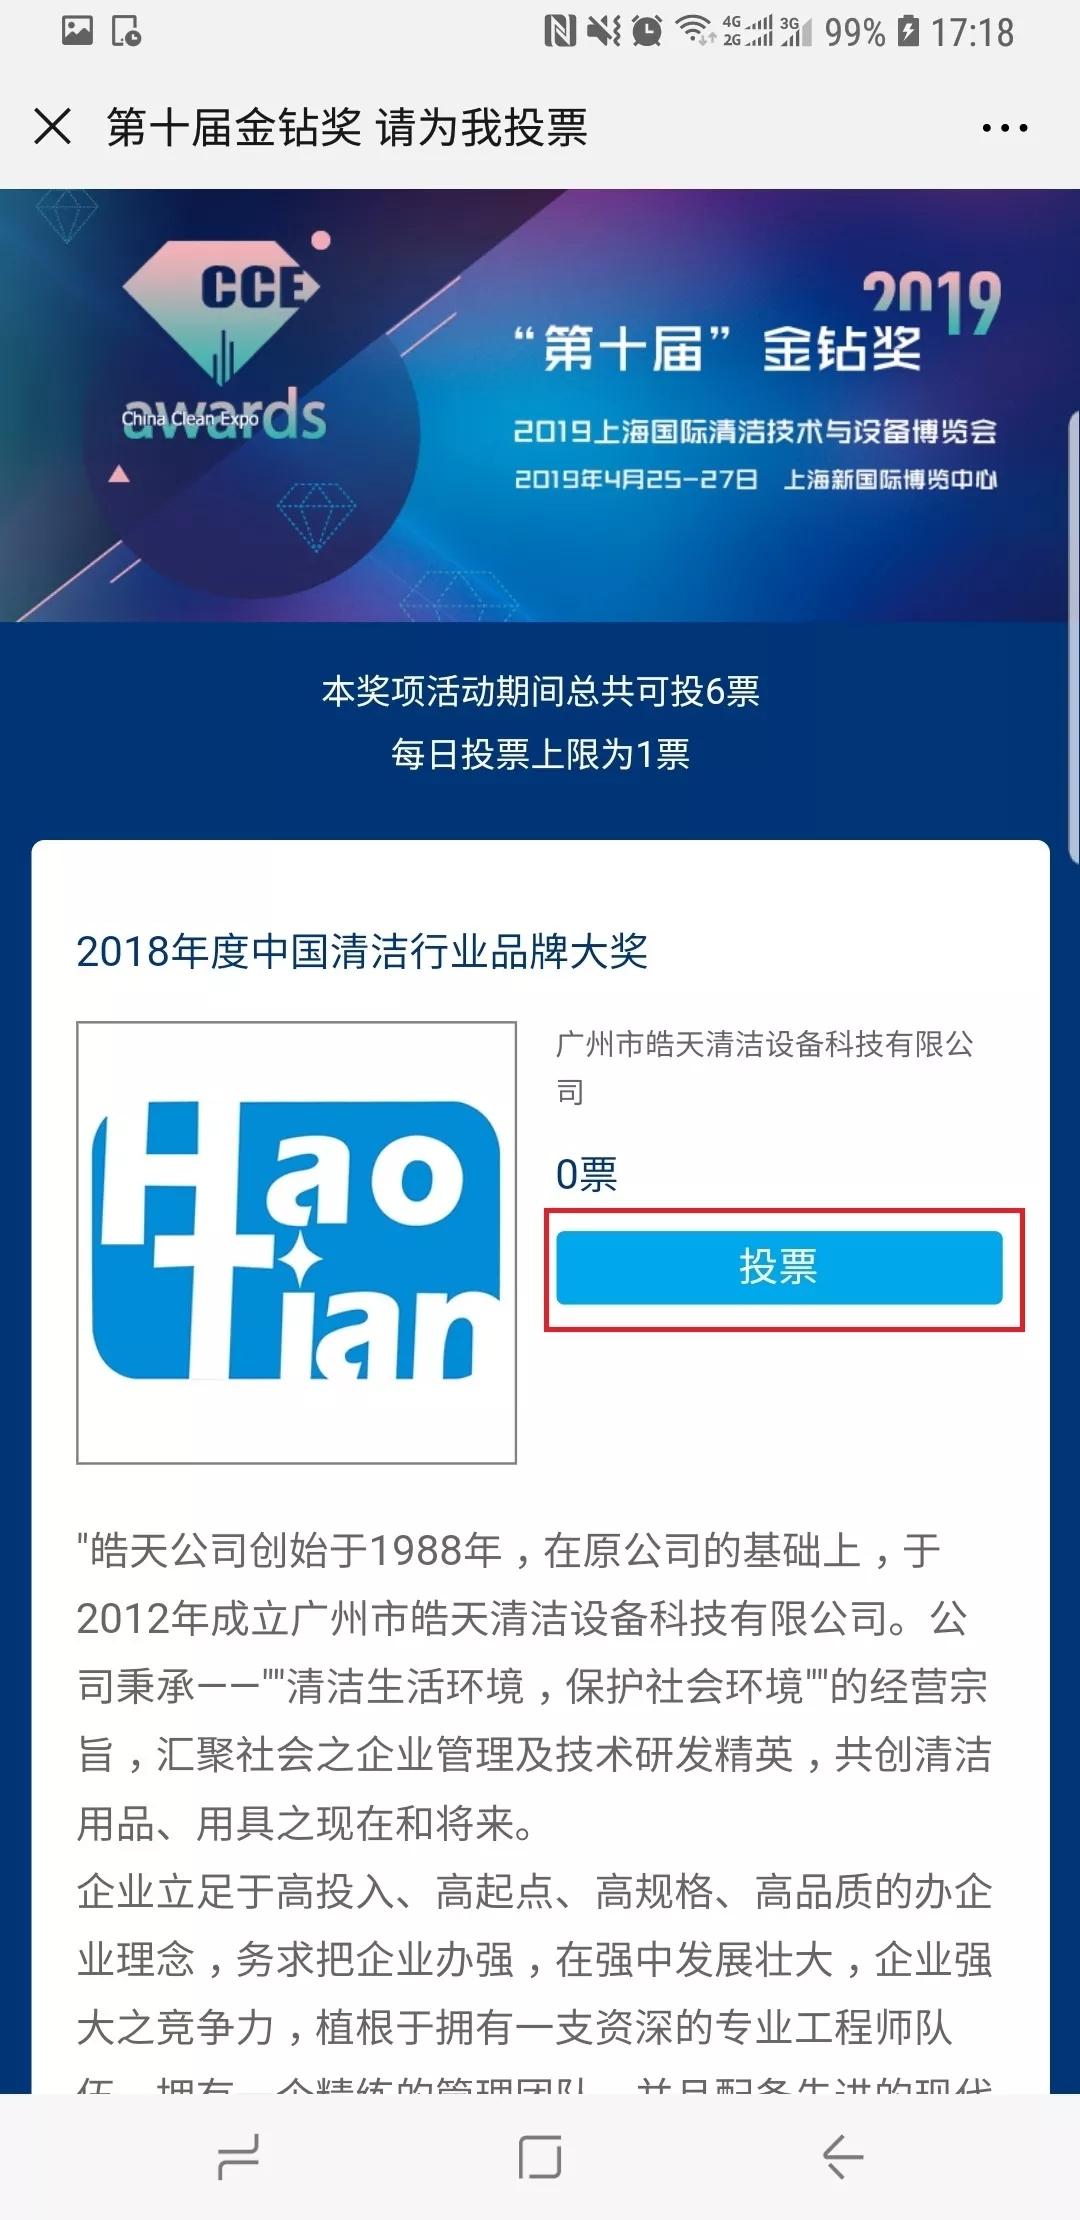 沐鸣2招商主管35497 CCE Awards丨最后一个月:第十届金钻奖网络投票即将截止,您的投票至关重要!